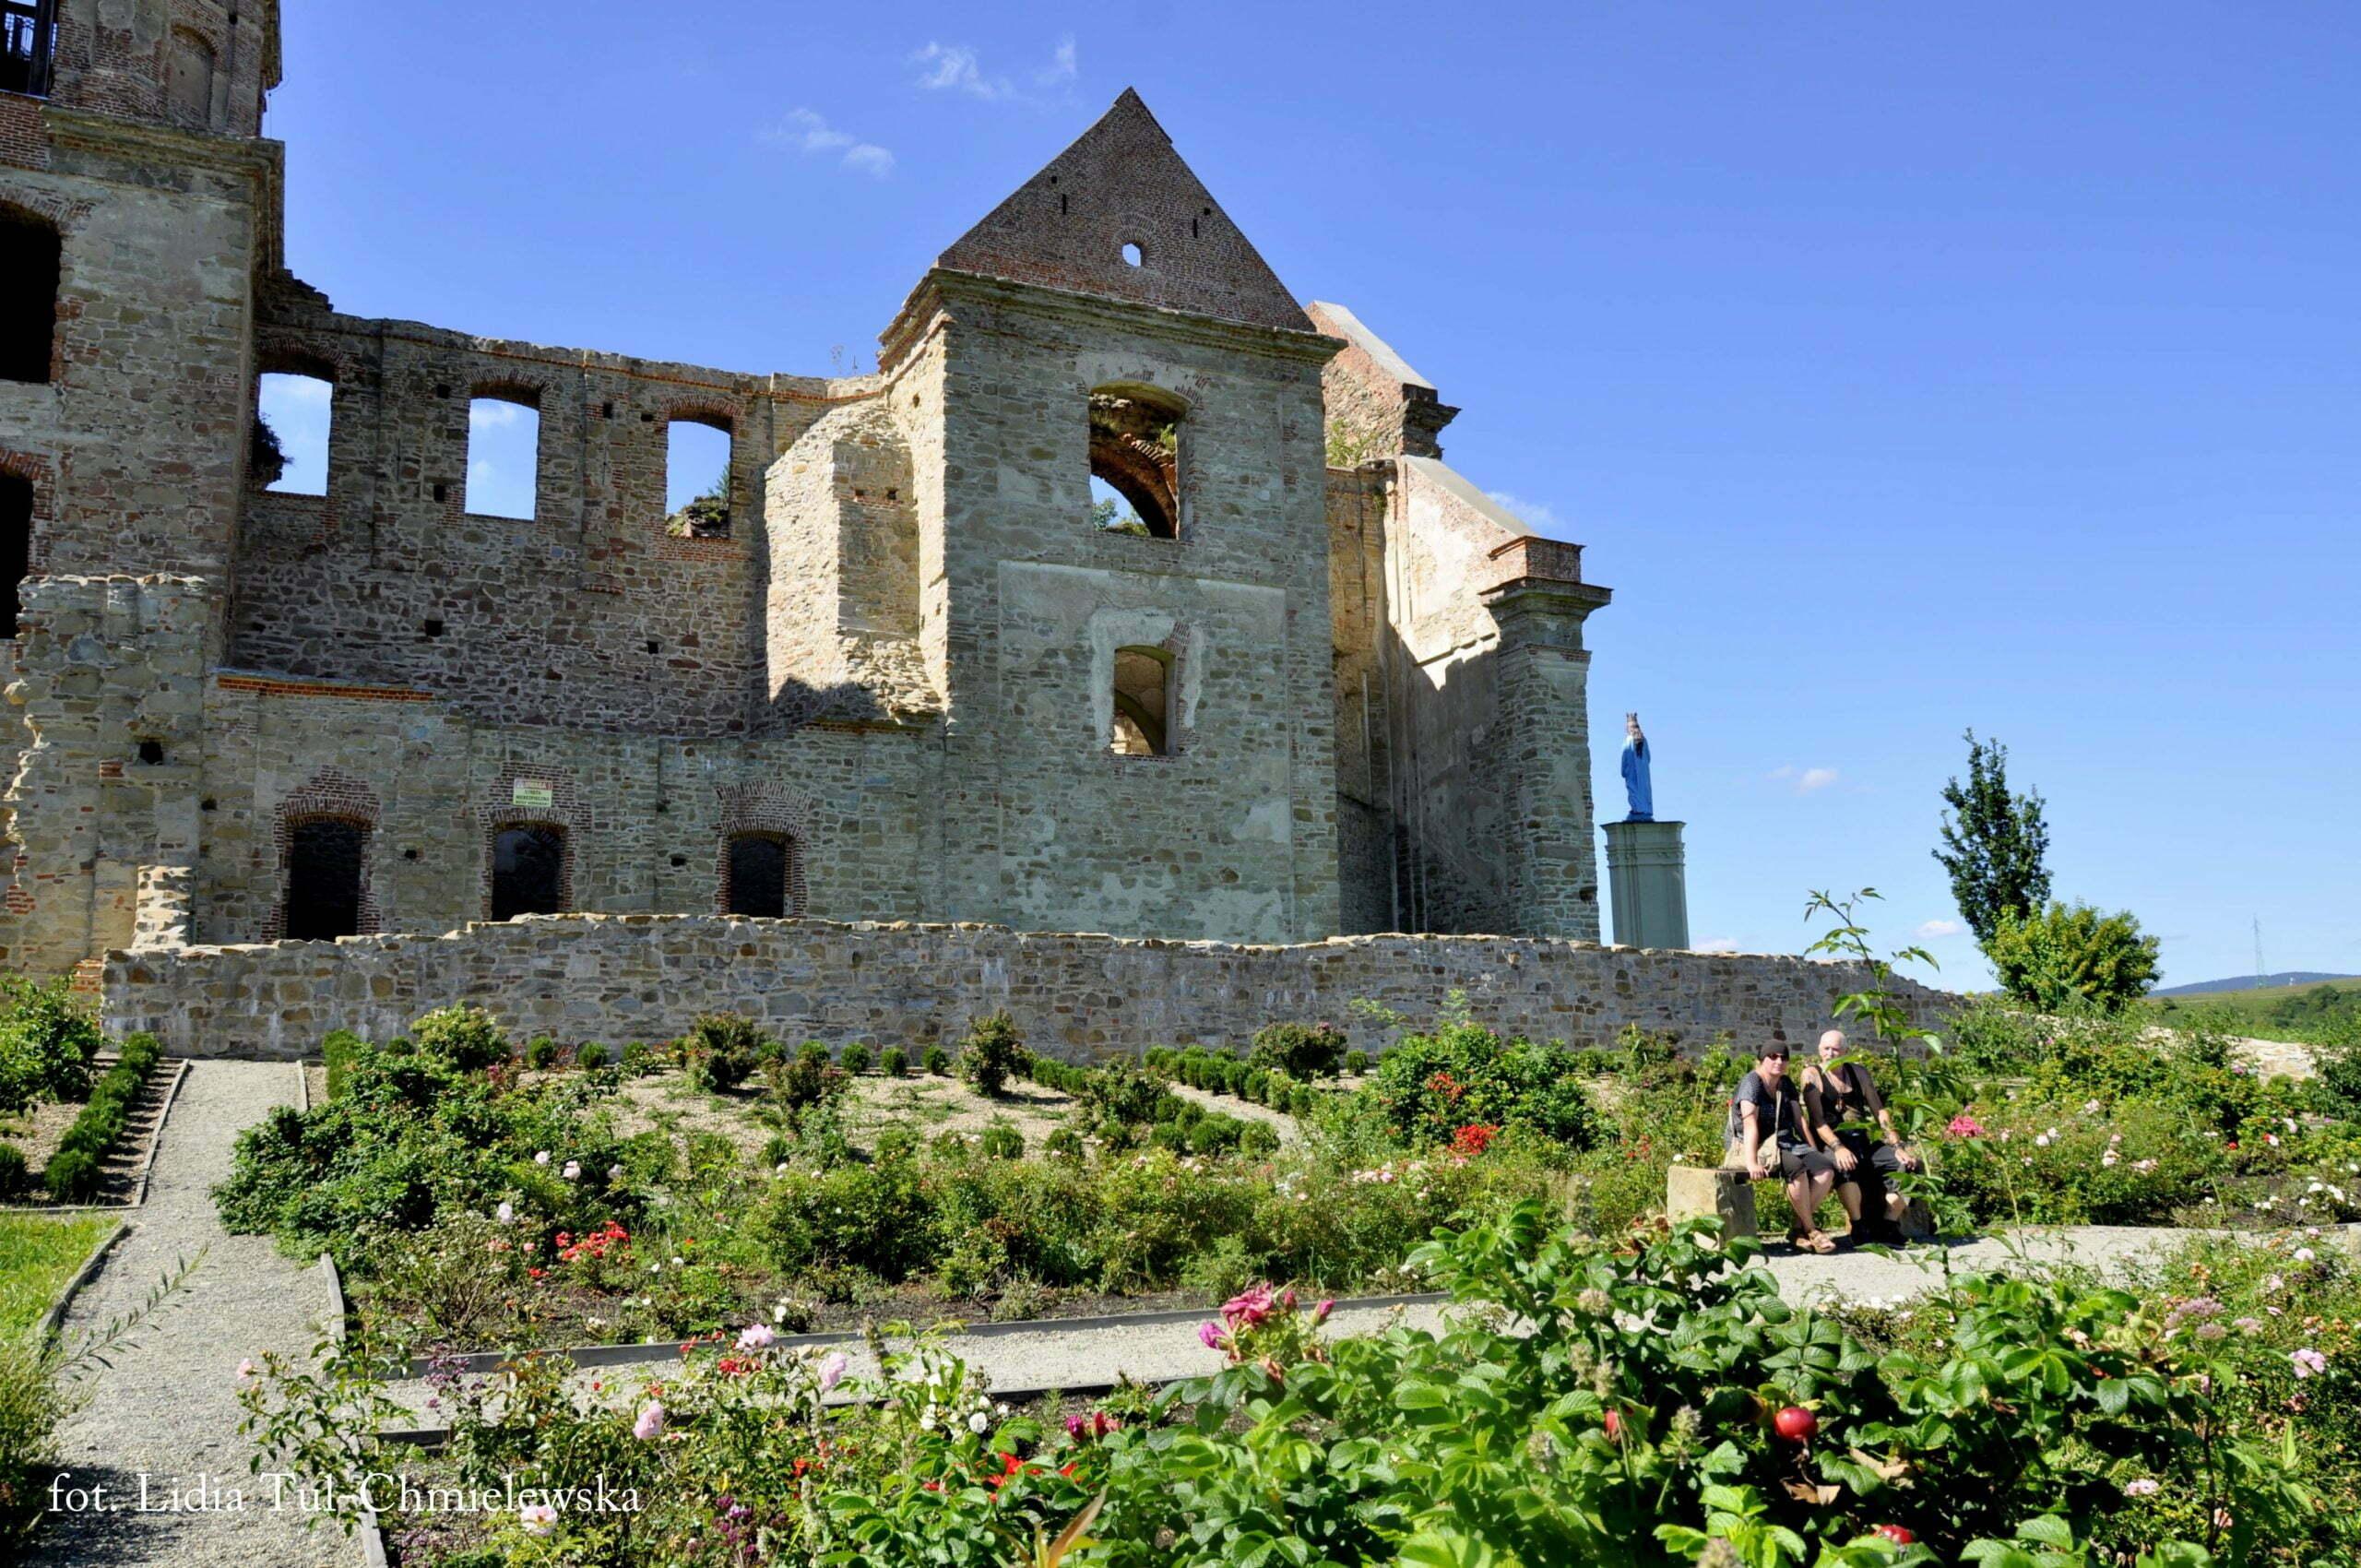 Ruiny Klasztoru Karmelitów w Zagórzu fot. Lidia Tul-Chmielewska